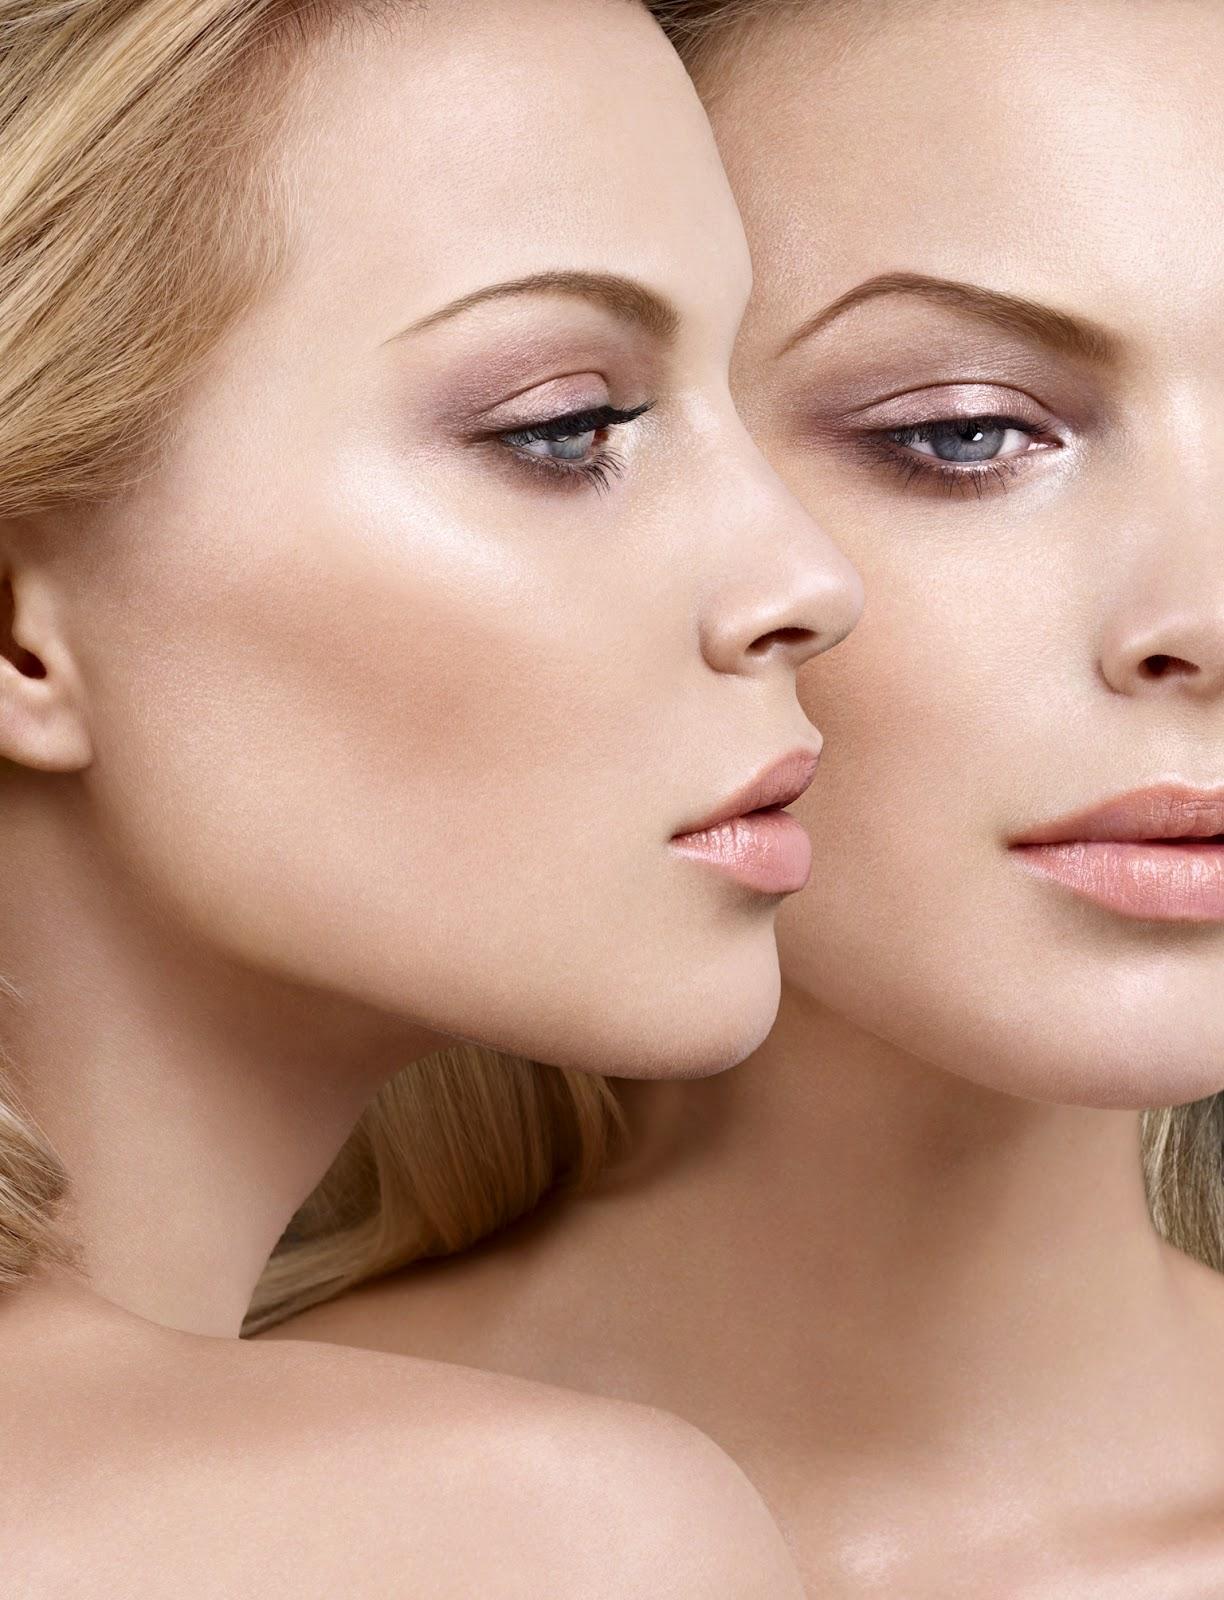 moda de las cejas casi invisibles tras depilar las cejas asi de forma